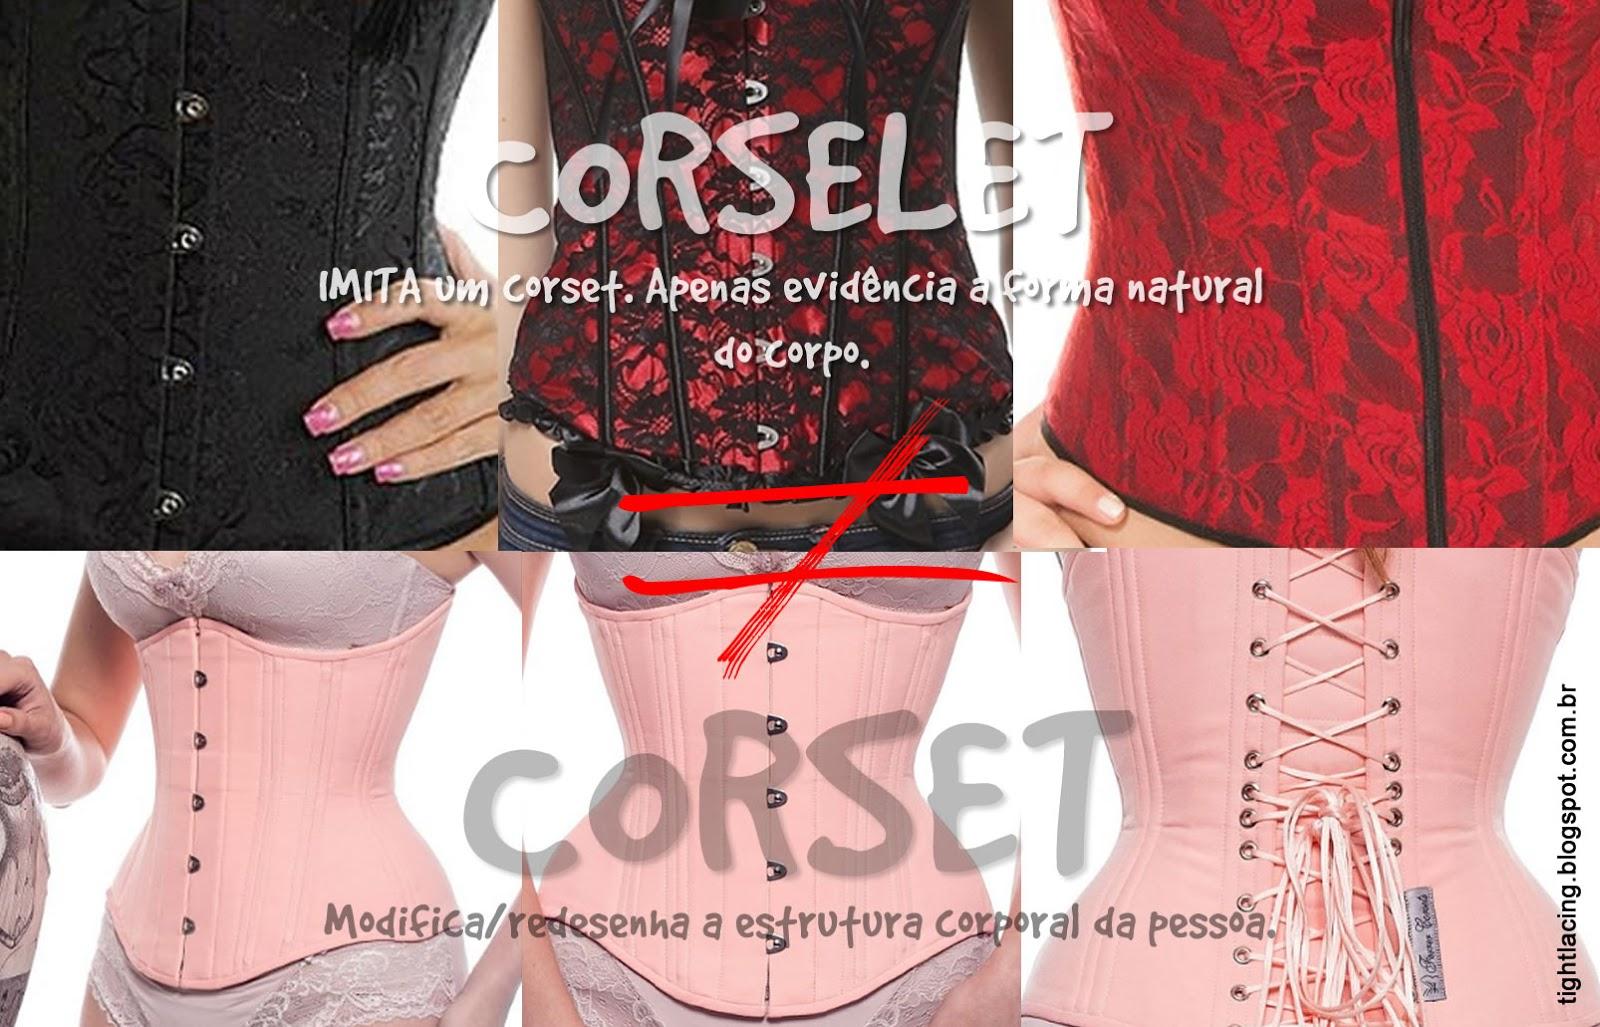 b964ef6d3ffa17 Tight Lacing Blog: [ ALERTA ] Cuidado com os falsos corsets, saiba ...